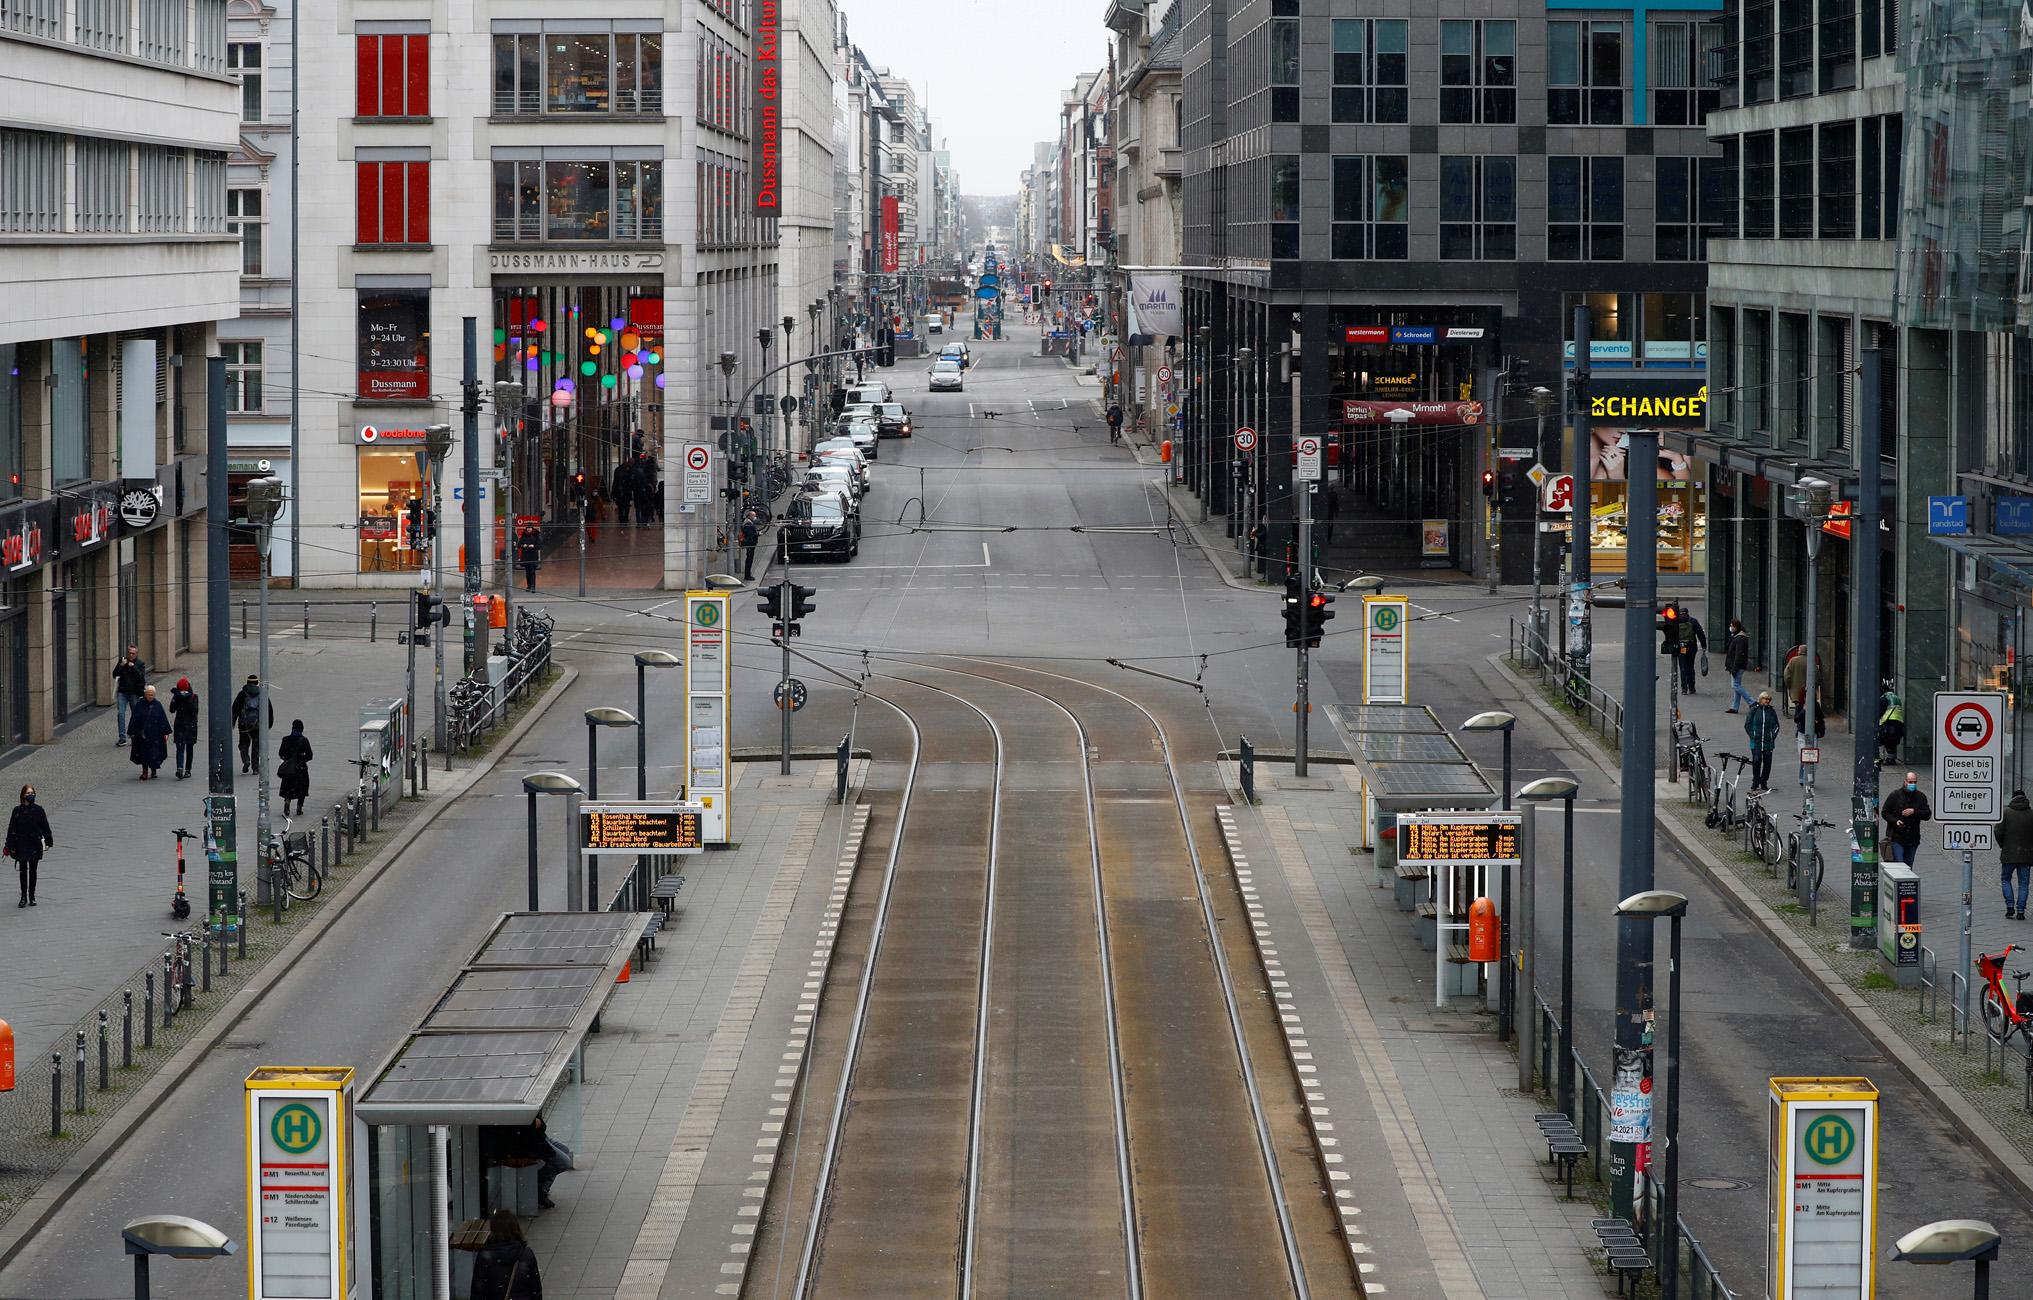 Γερμανία: Με «προσοχή» η άρση του lockdown – Αυξάνεται το ποσοστό μεταλλάξεων κορονοϊού